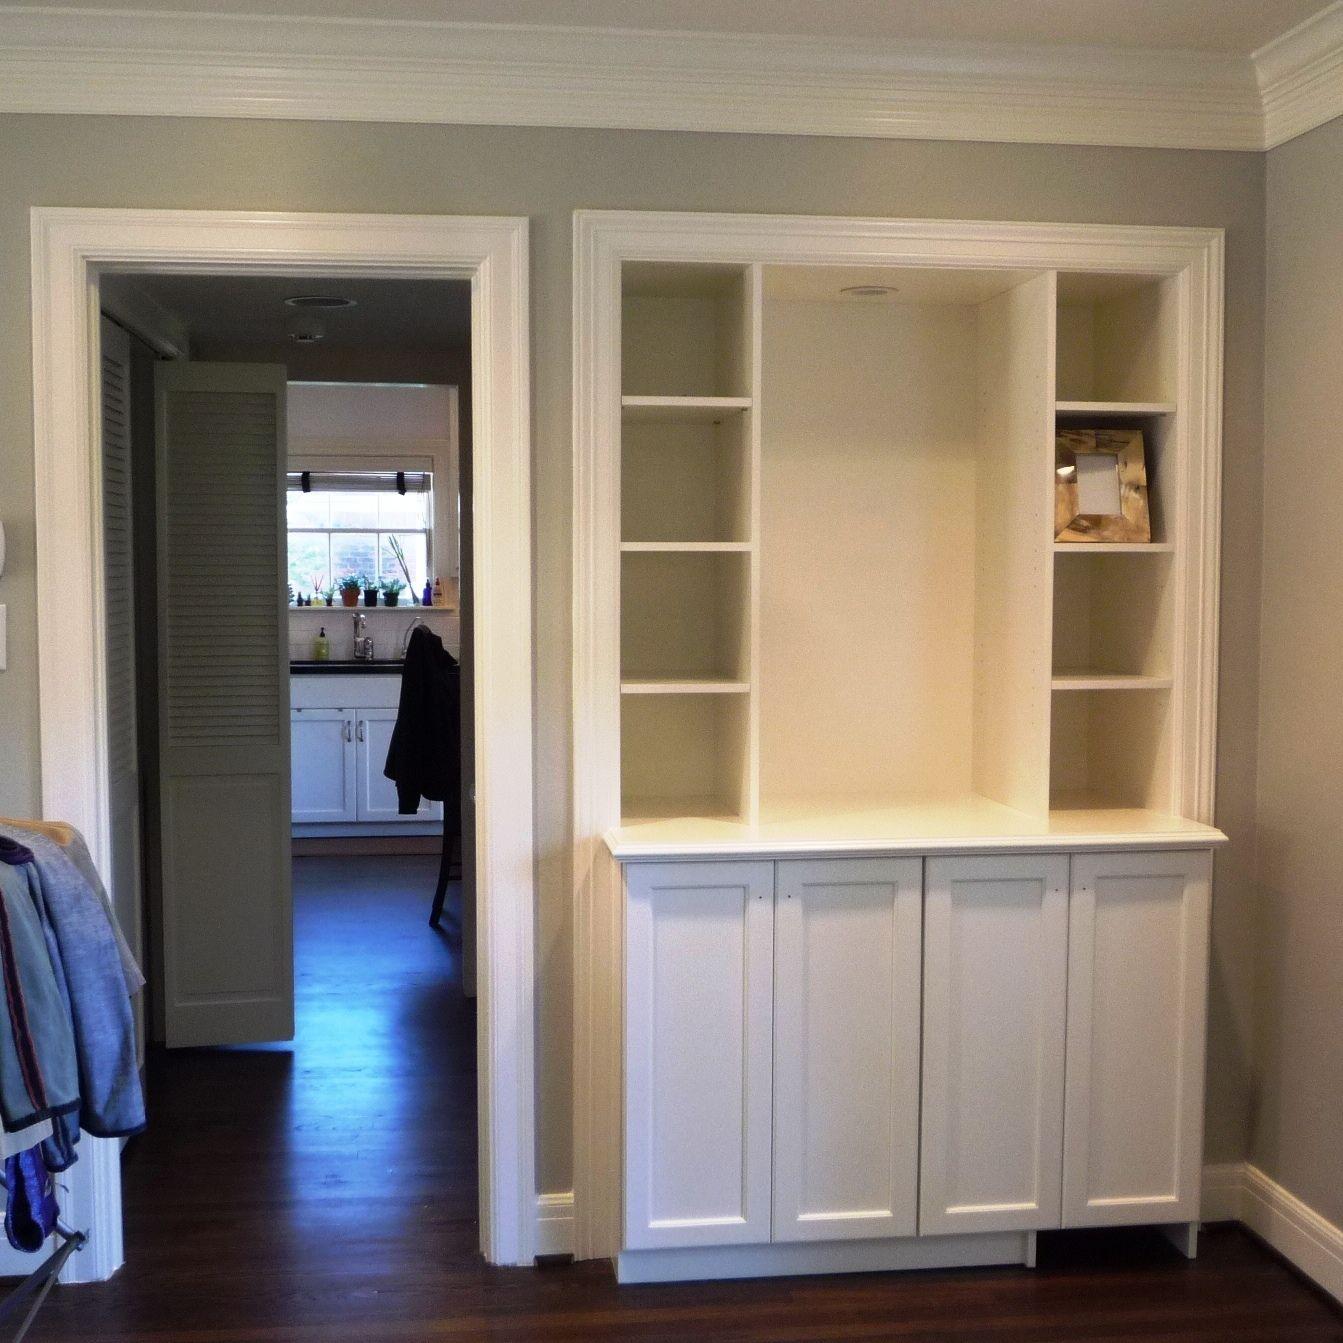 Custom Dry Bar / Bookcase Built Ins Installed Last Week. Bottom Right Door  Has Wine Fridge Inside. Upper Center Section Will Have Glass Shelves For  Liquor ...